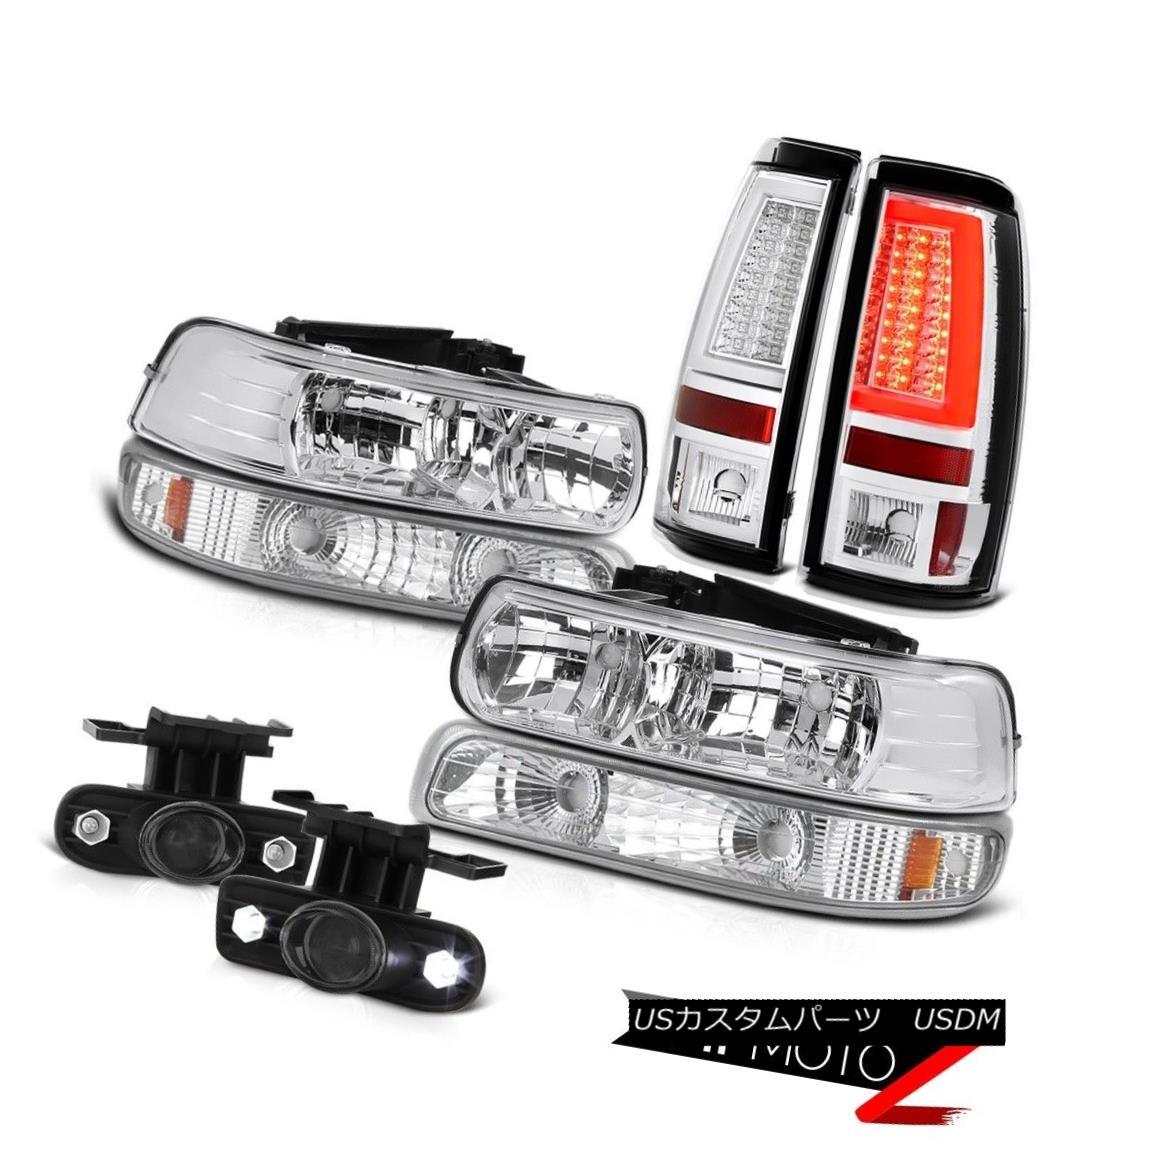 テールライト 99-02 Silverado 4.3L Tail Lamps Parking Lamp Headlamps Fog Neon Tube